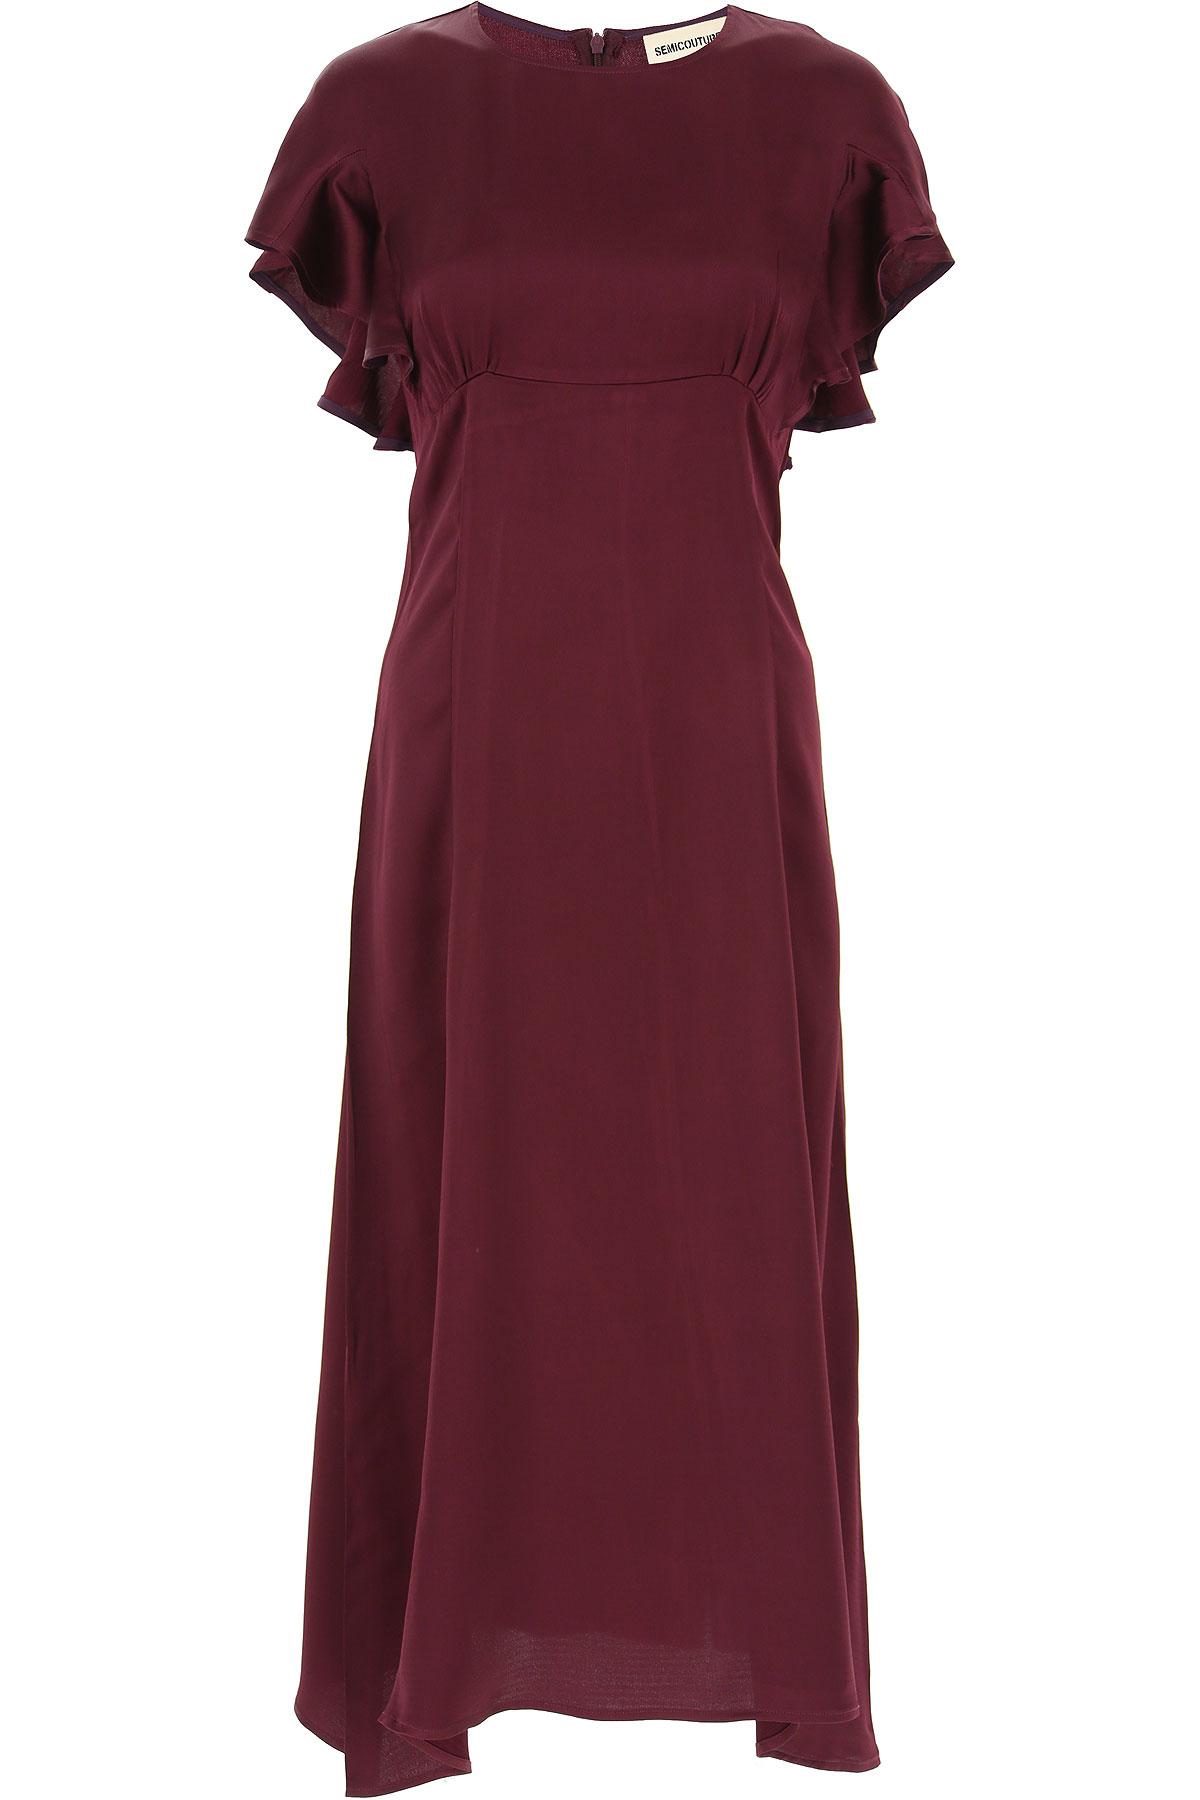 Semicouture Robe Femme, Prune, Viscose, 2019, 44 46 M